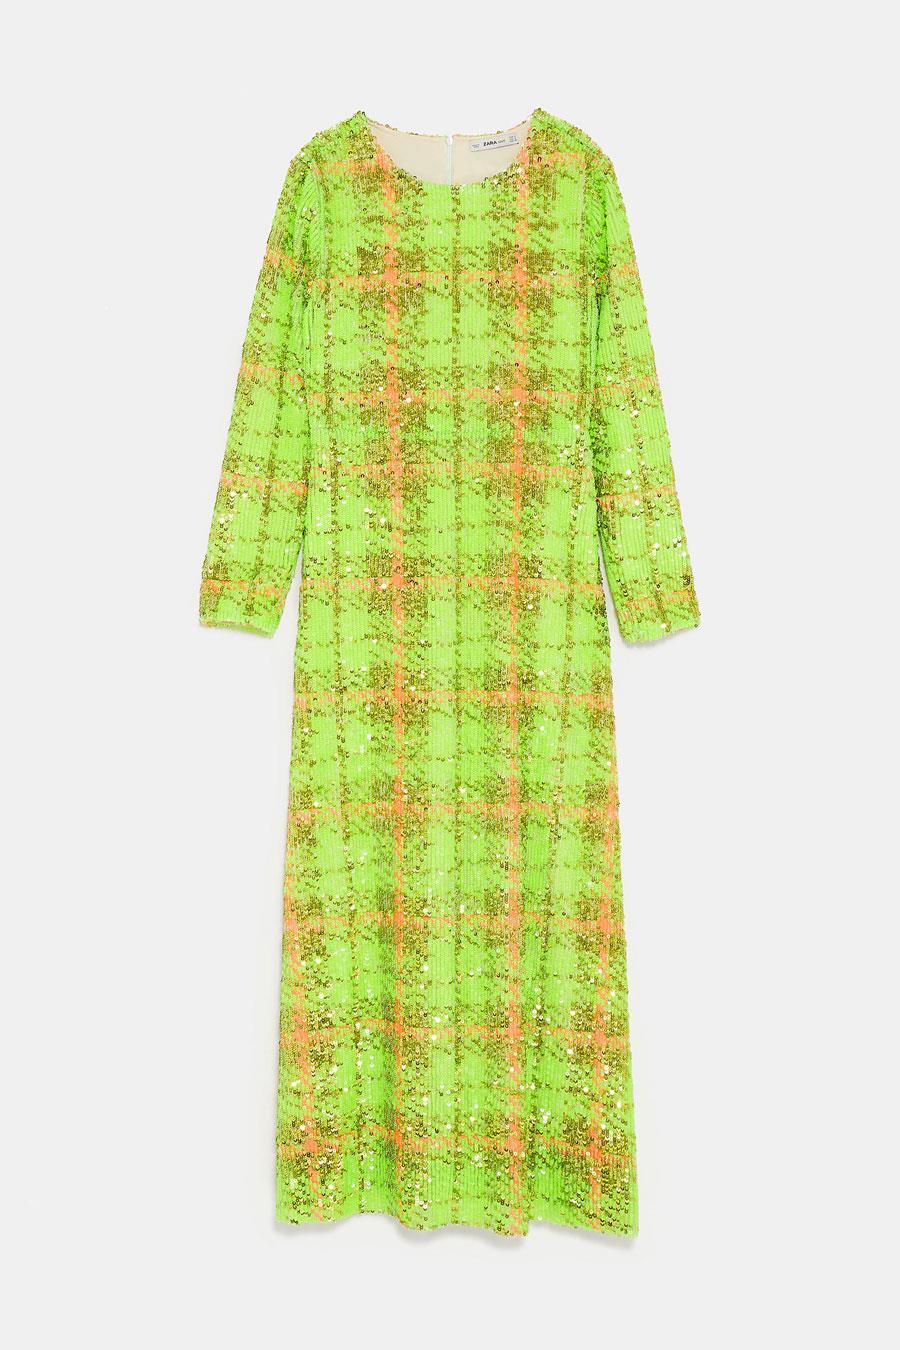 a7b3dd15e vestidos-lentejuelas-zara. Vestido en tono verde con lentejuelas